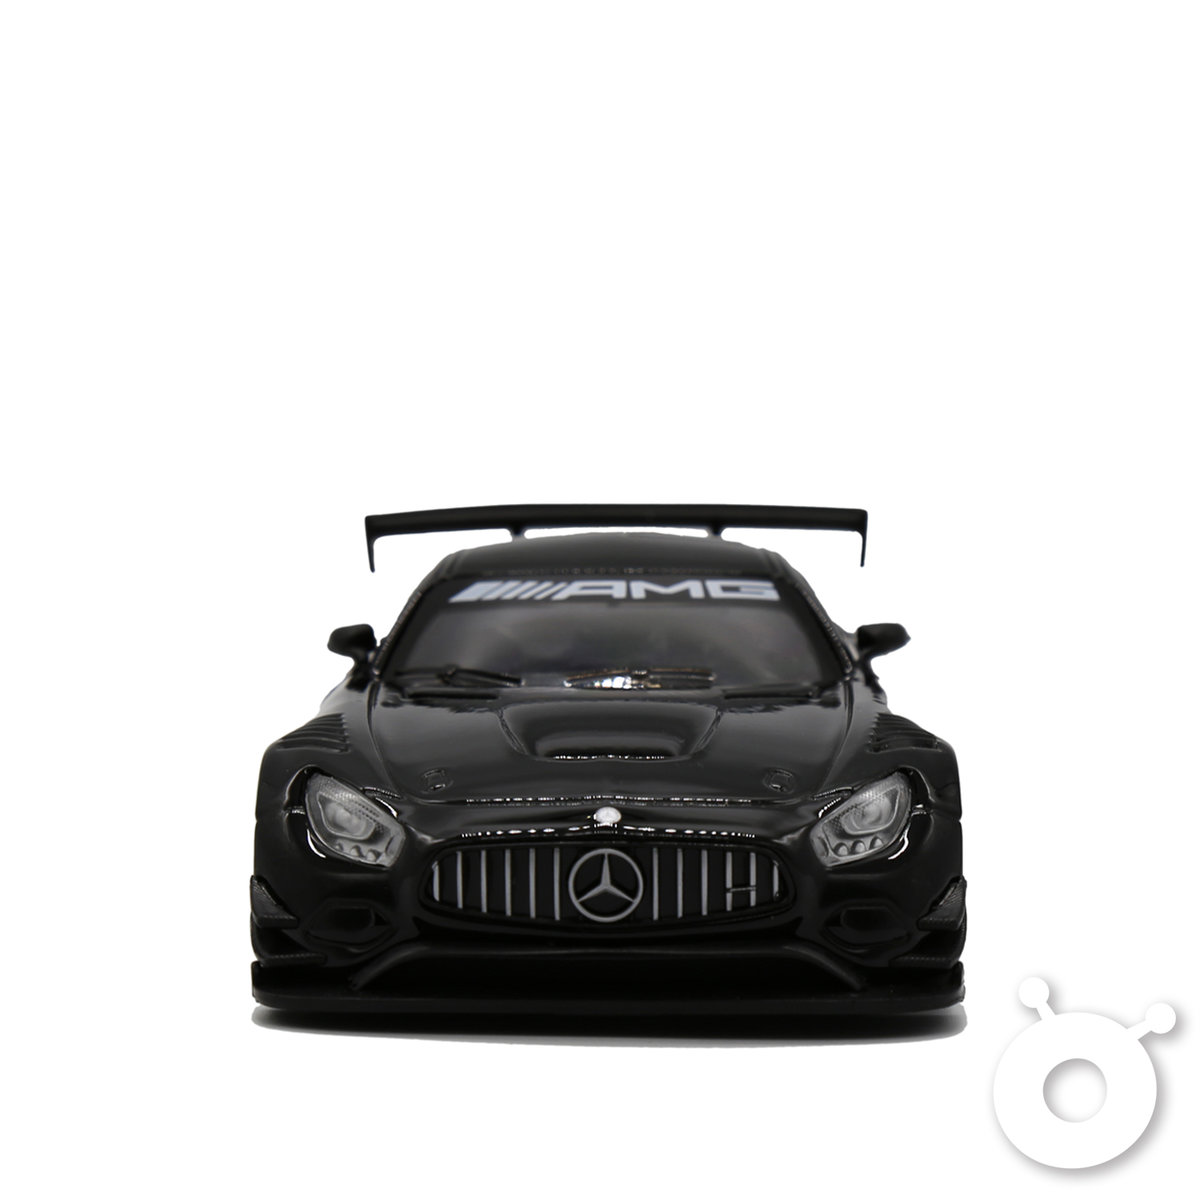 平治 AMG GT3 P1 1:24  合金汽車模型玩具|Diecast cars 系列